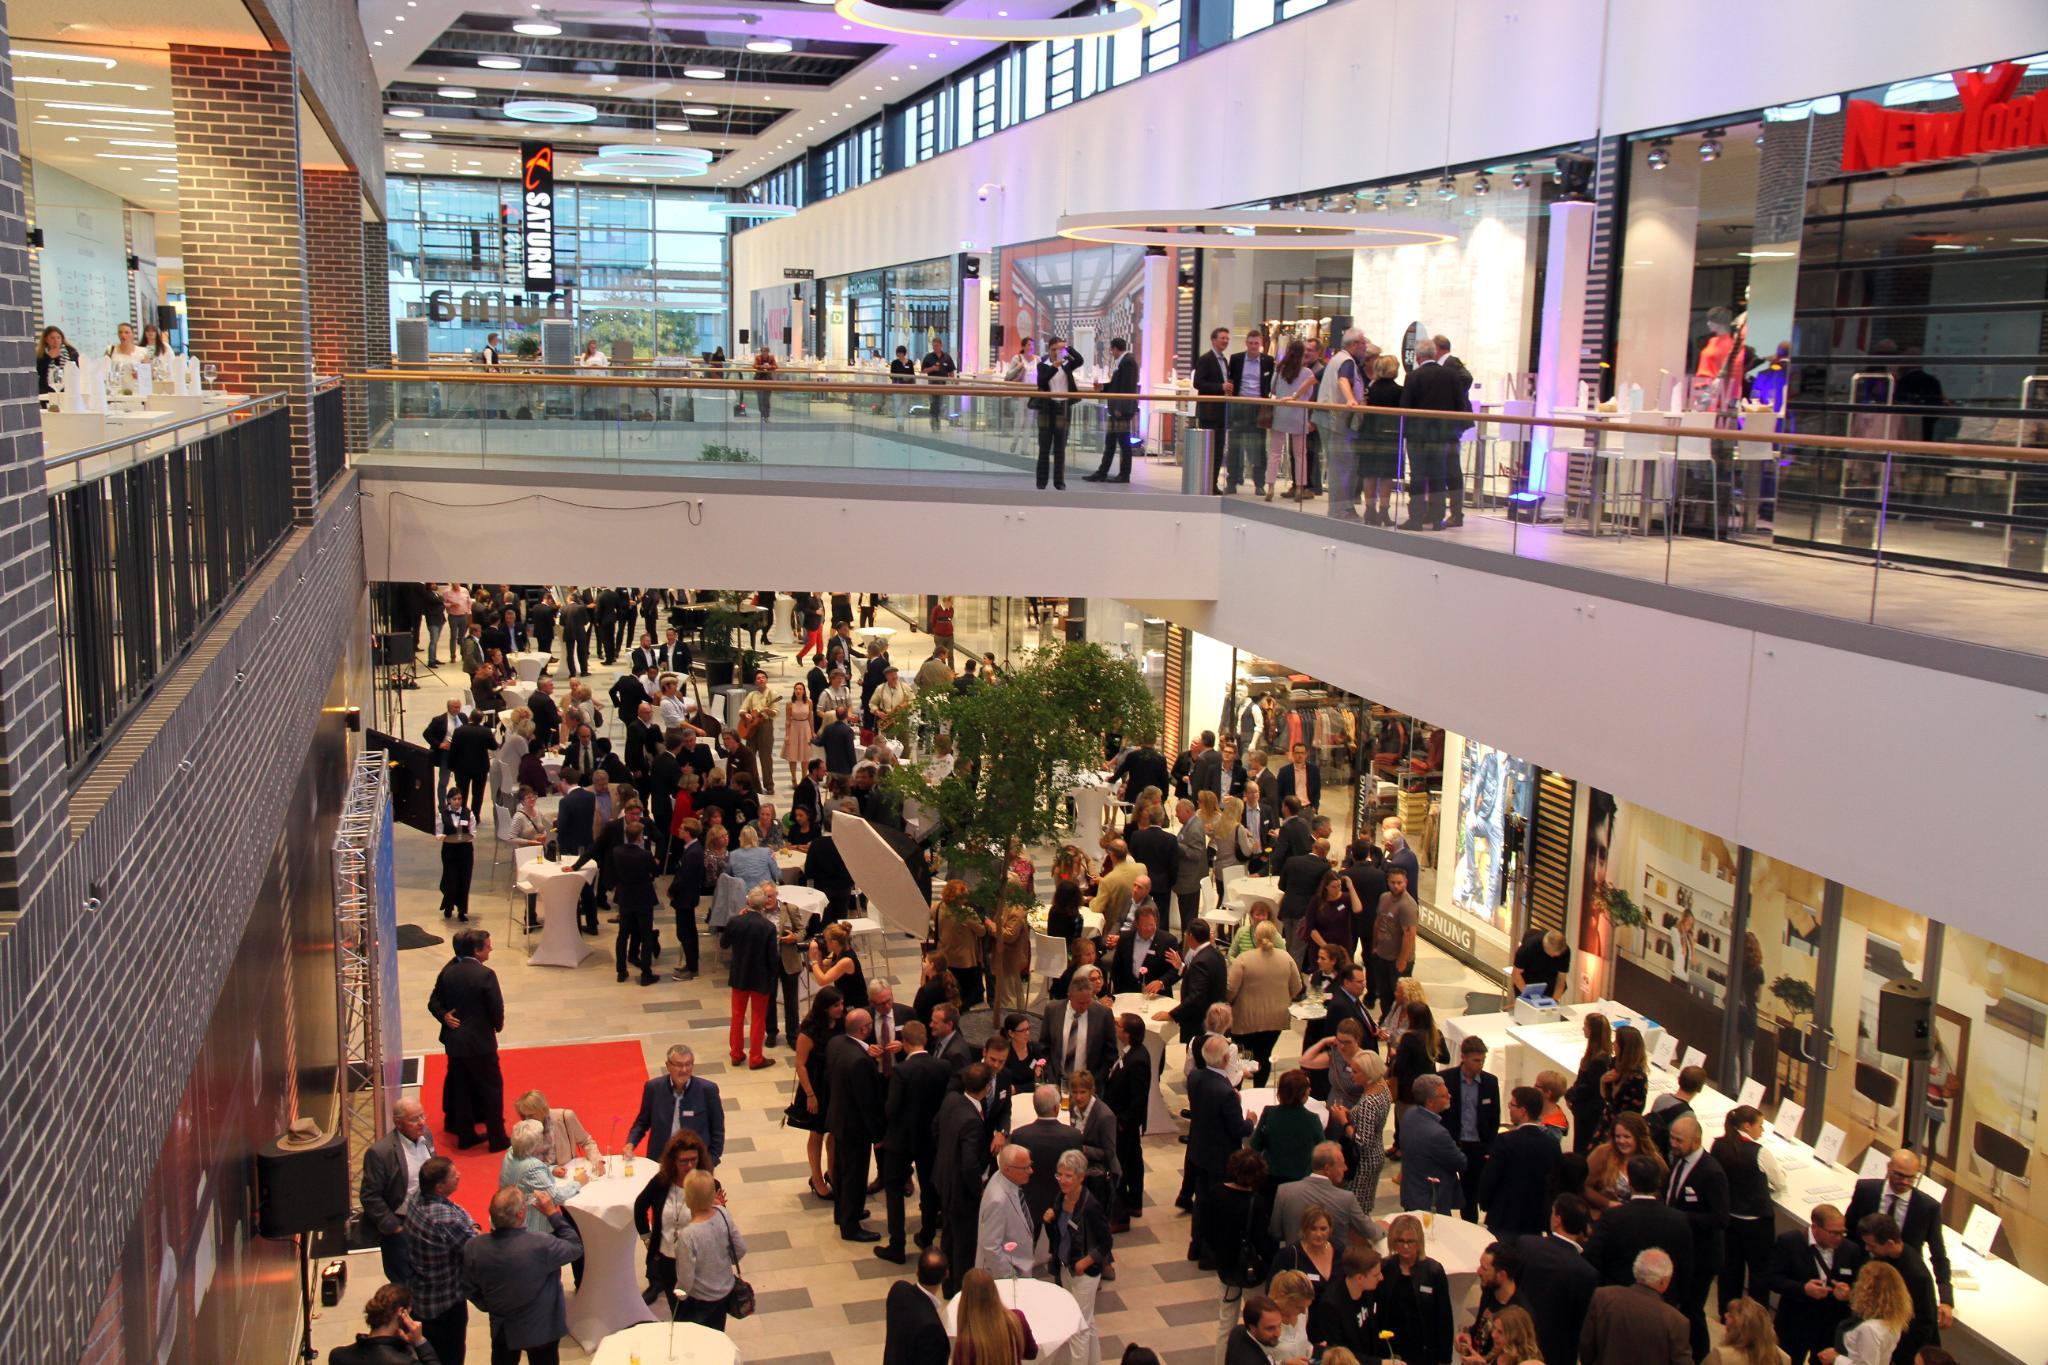 Ab Es Neues EinkaufszentrumDiese Läden Im Gibt Sofort Huma clKTF1J3u